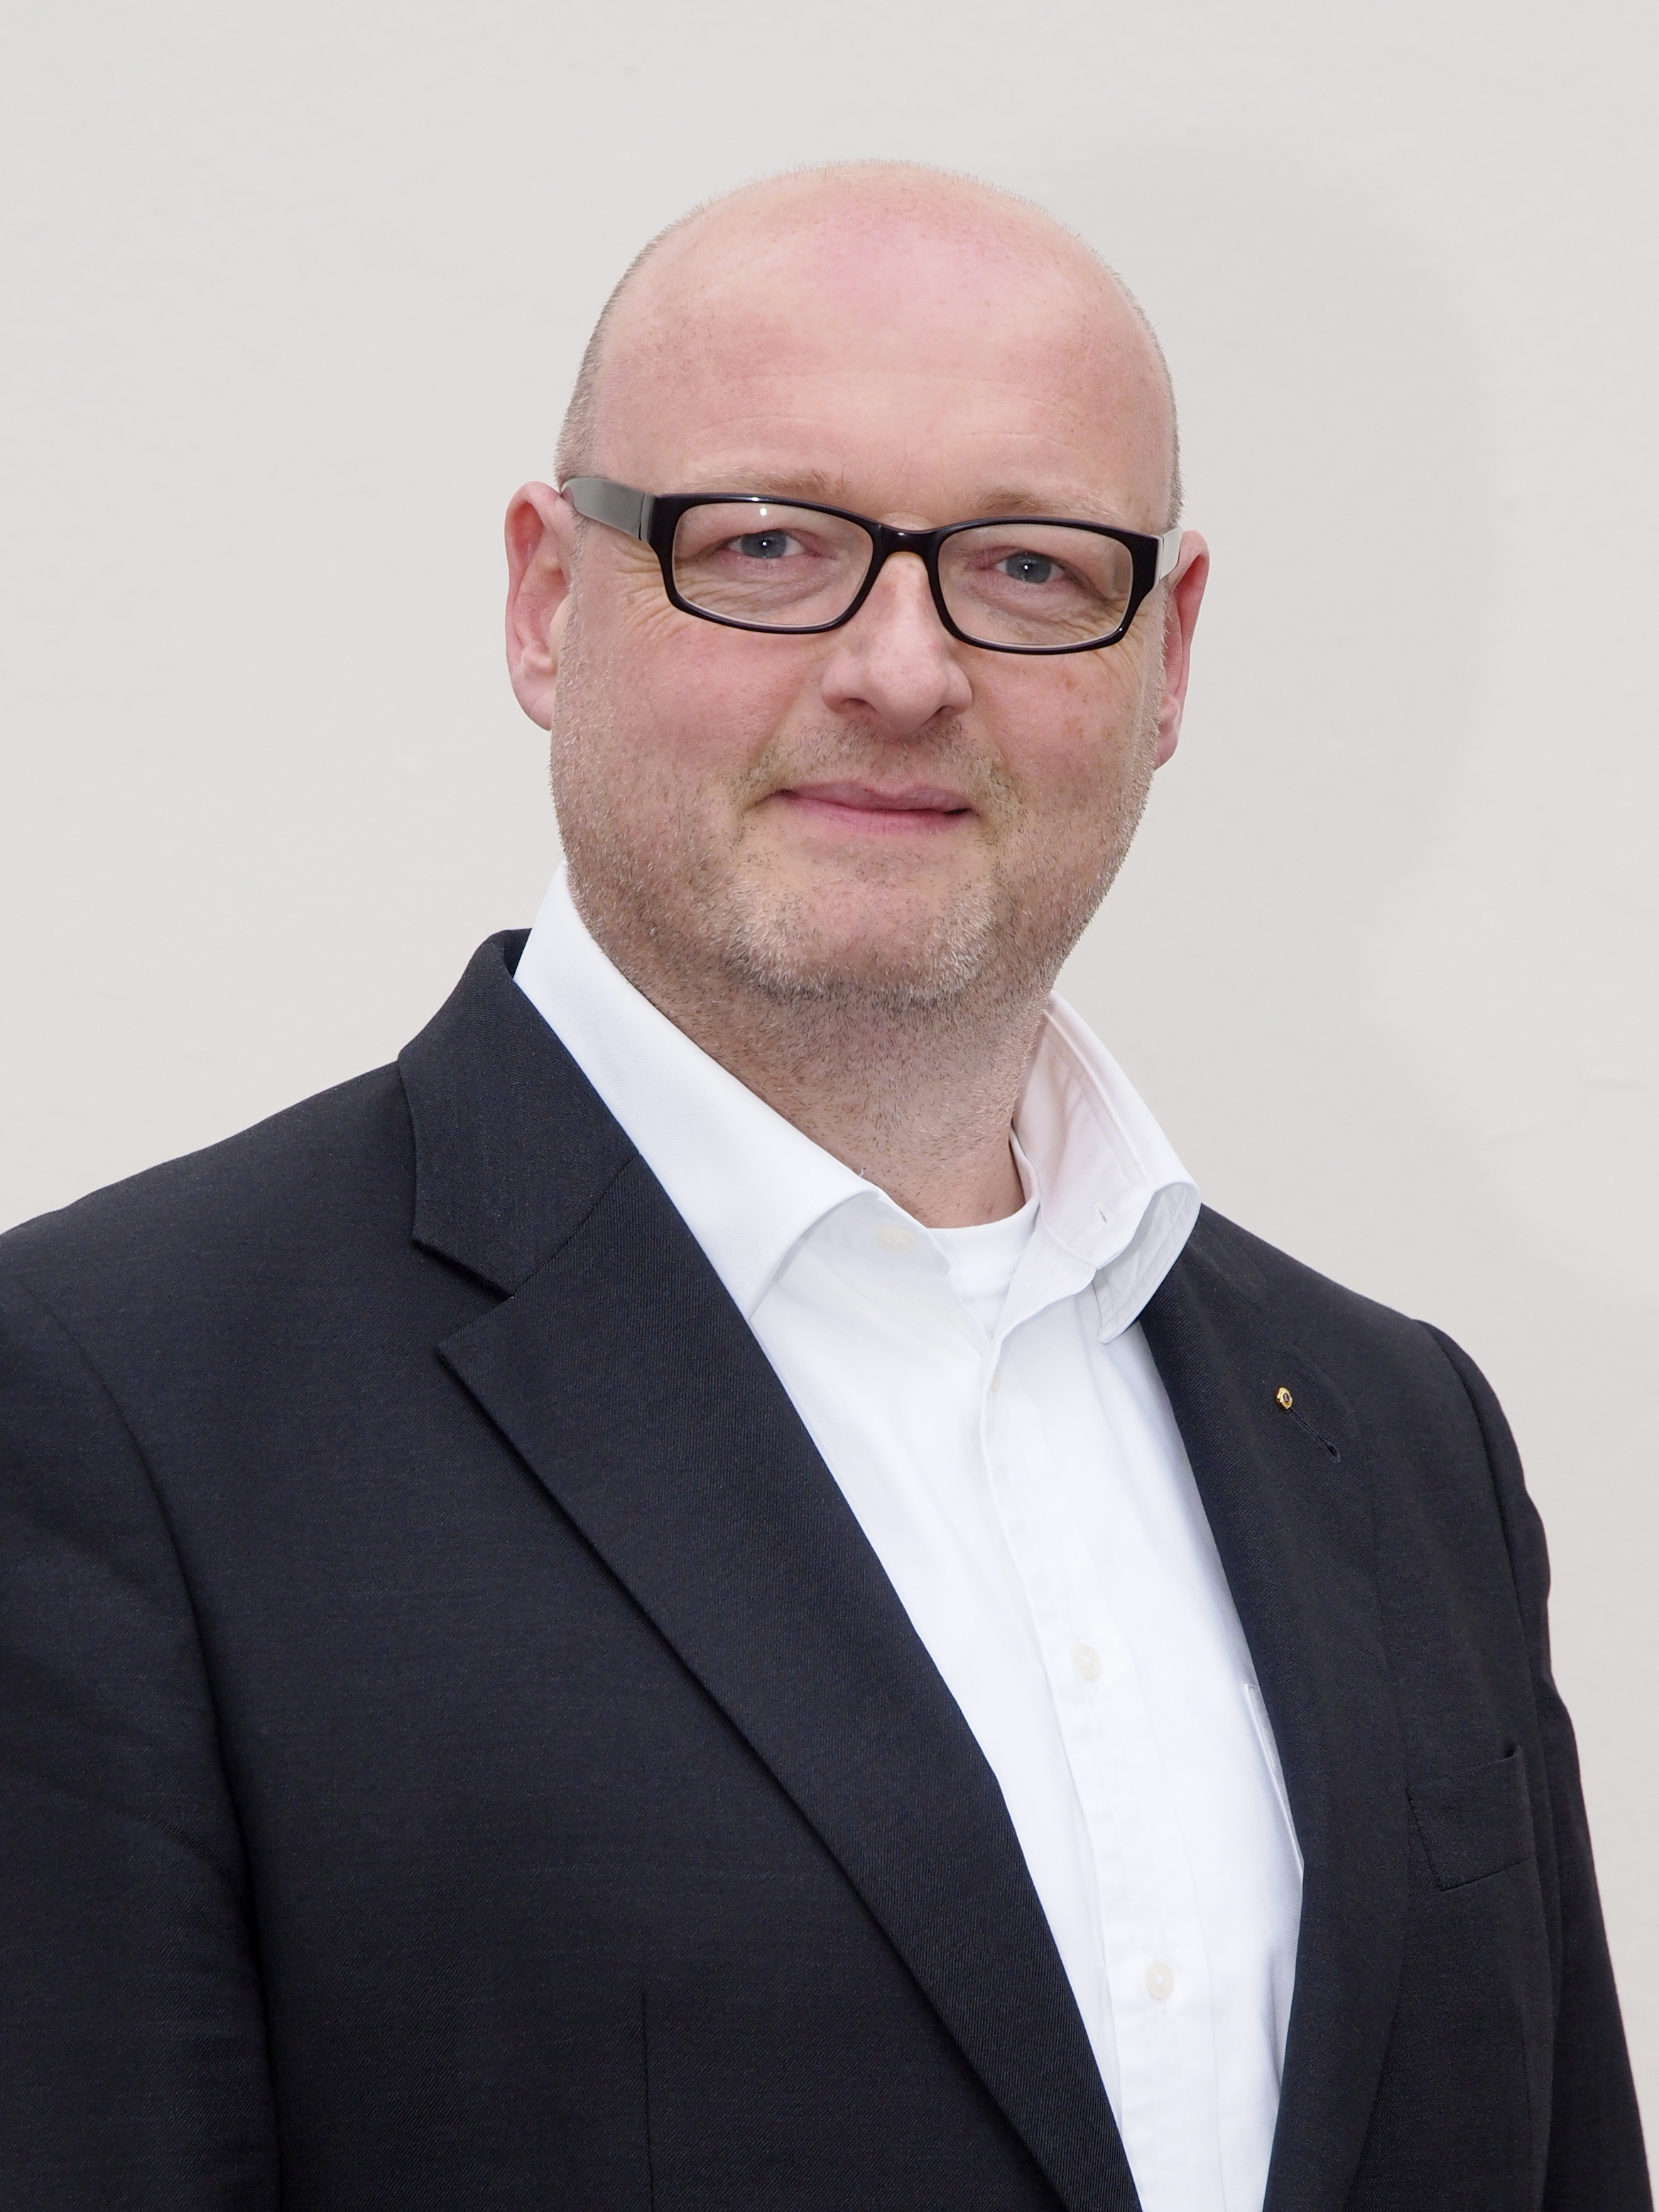 Ralph Daumke, Market Manager Biologics, FILTROX